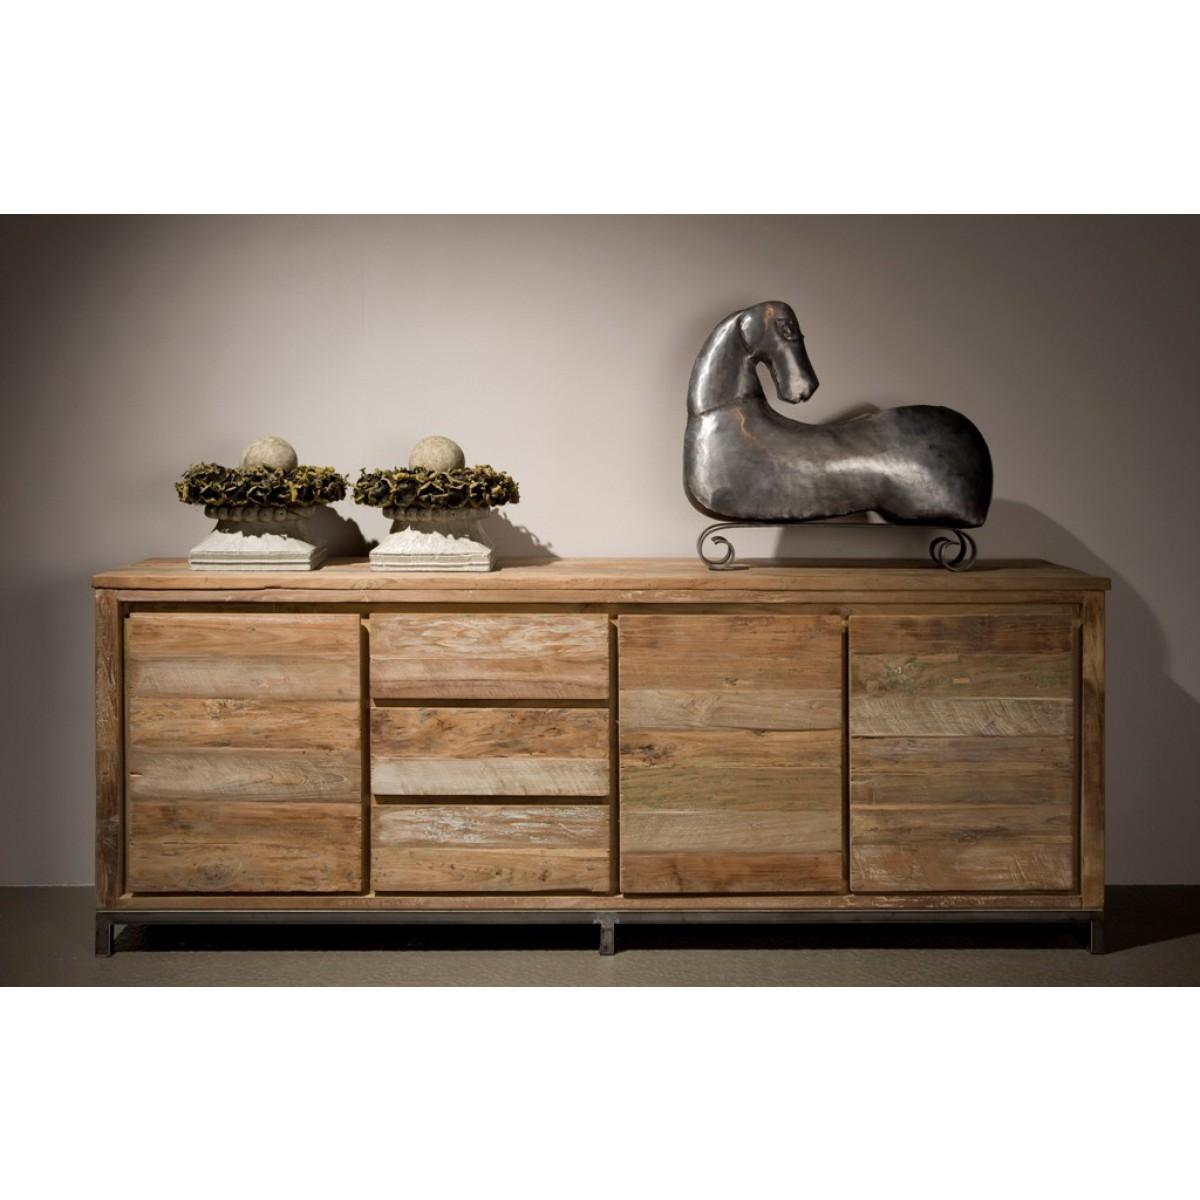 venetië-dressoir-recycled-teak-vintage-white-wash-metaal-pootstel-sfeer